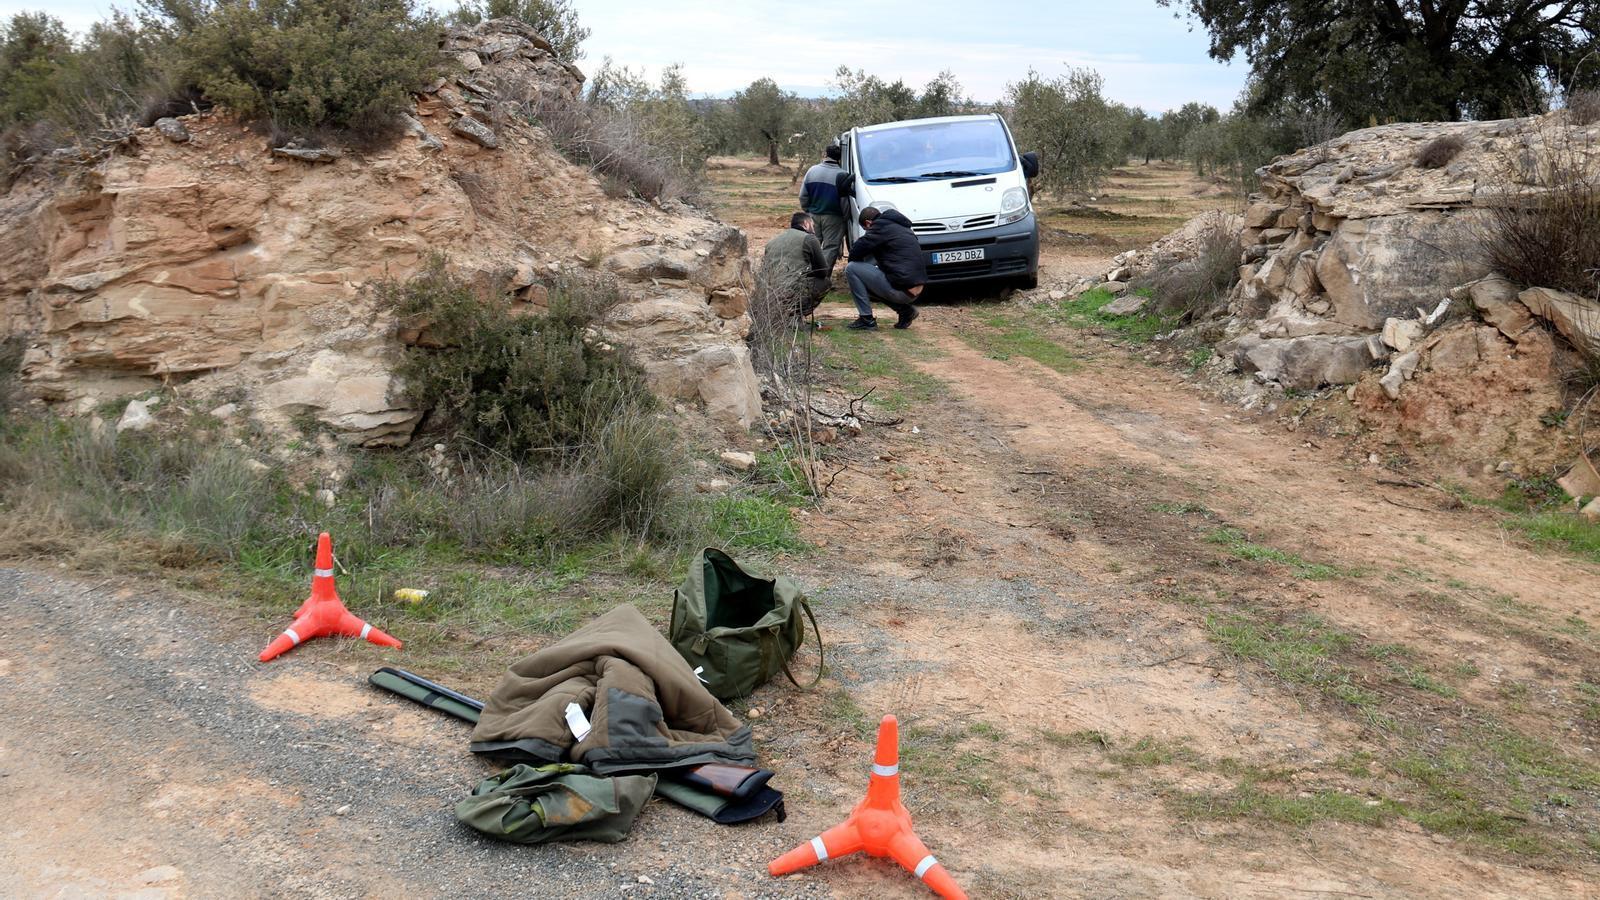 El cazador acusado de asesinar a dos agentes rurales continuará rezando dos años después del crimen.